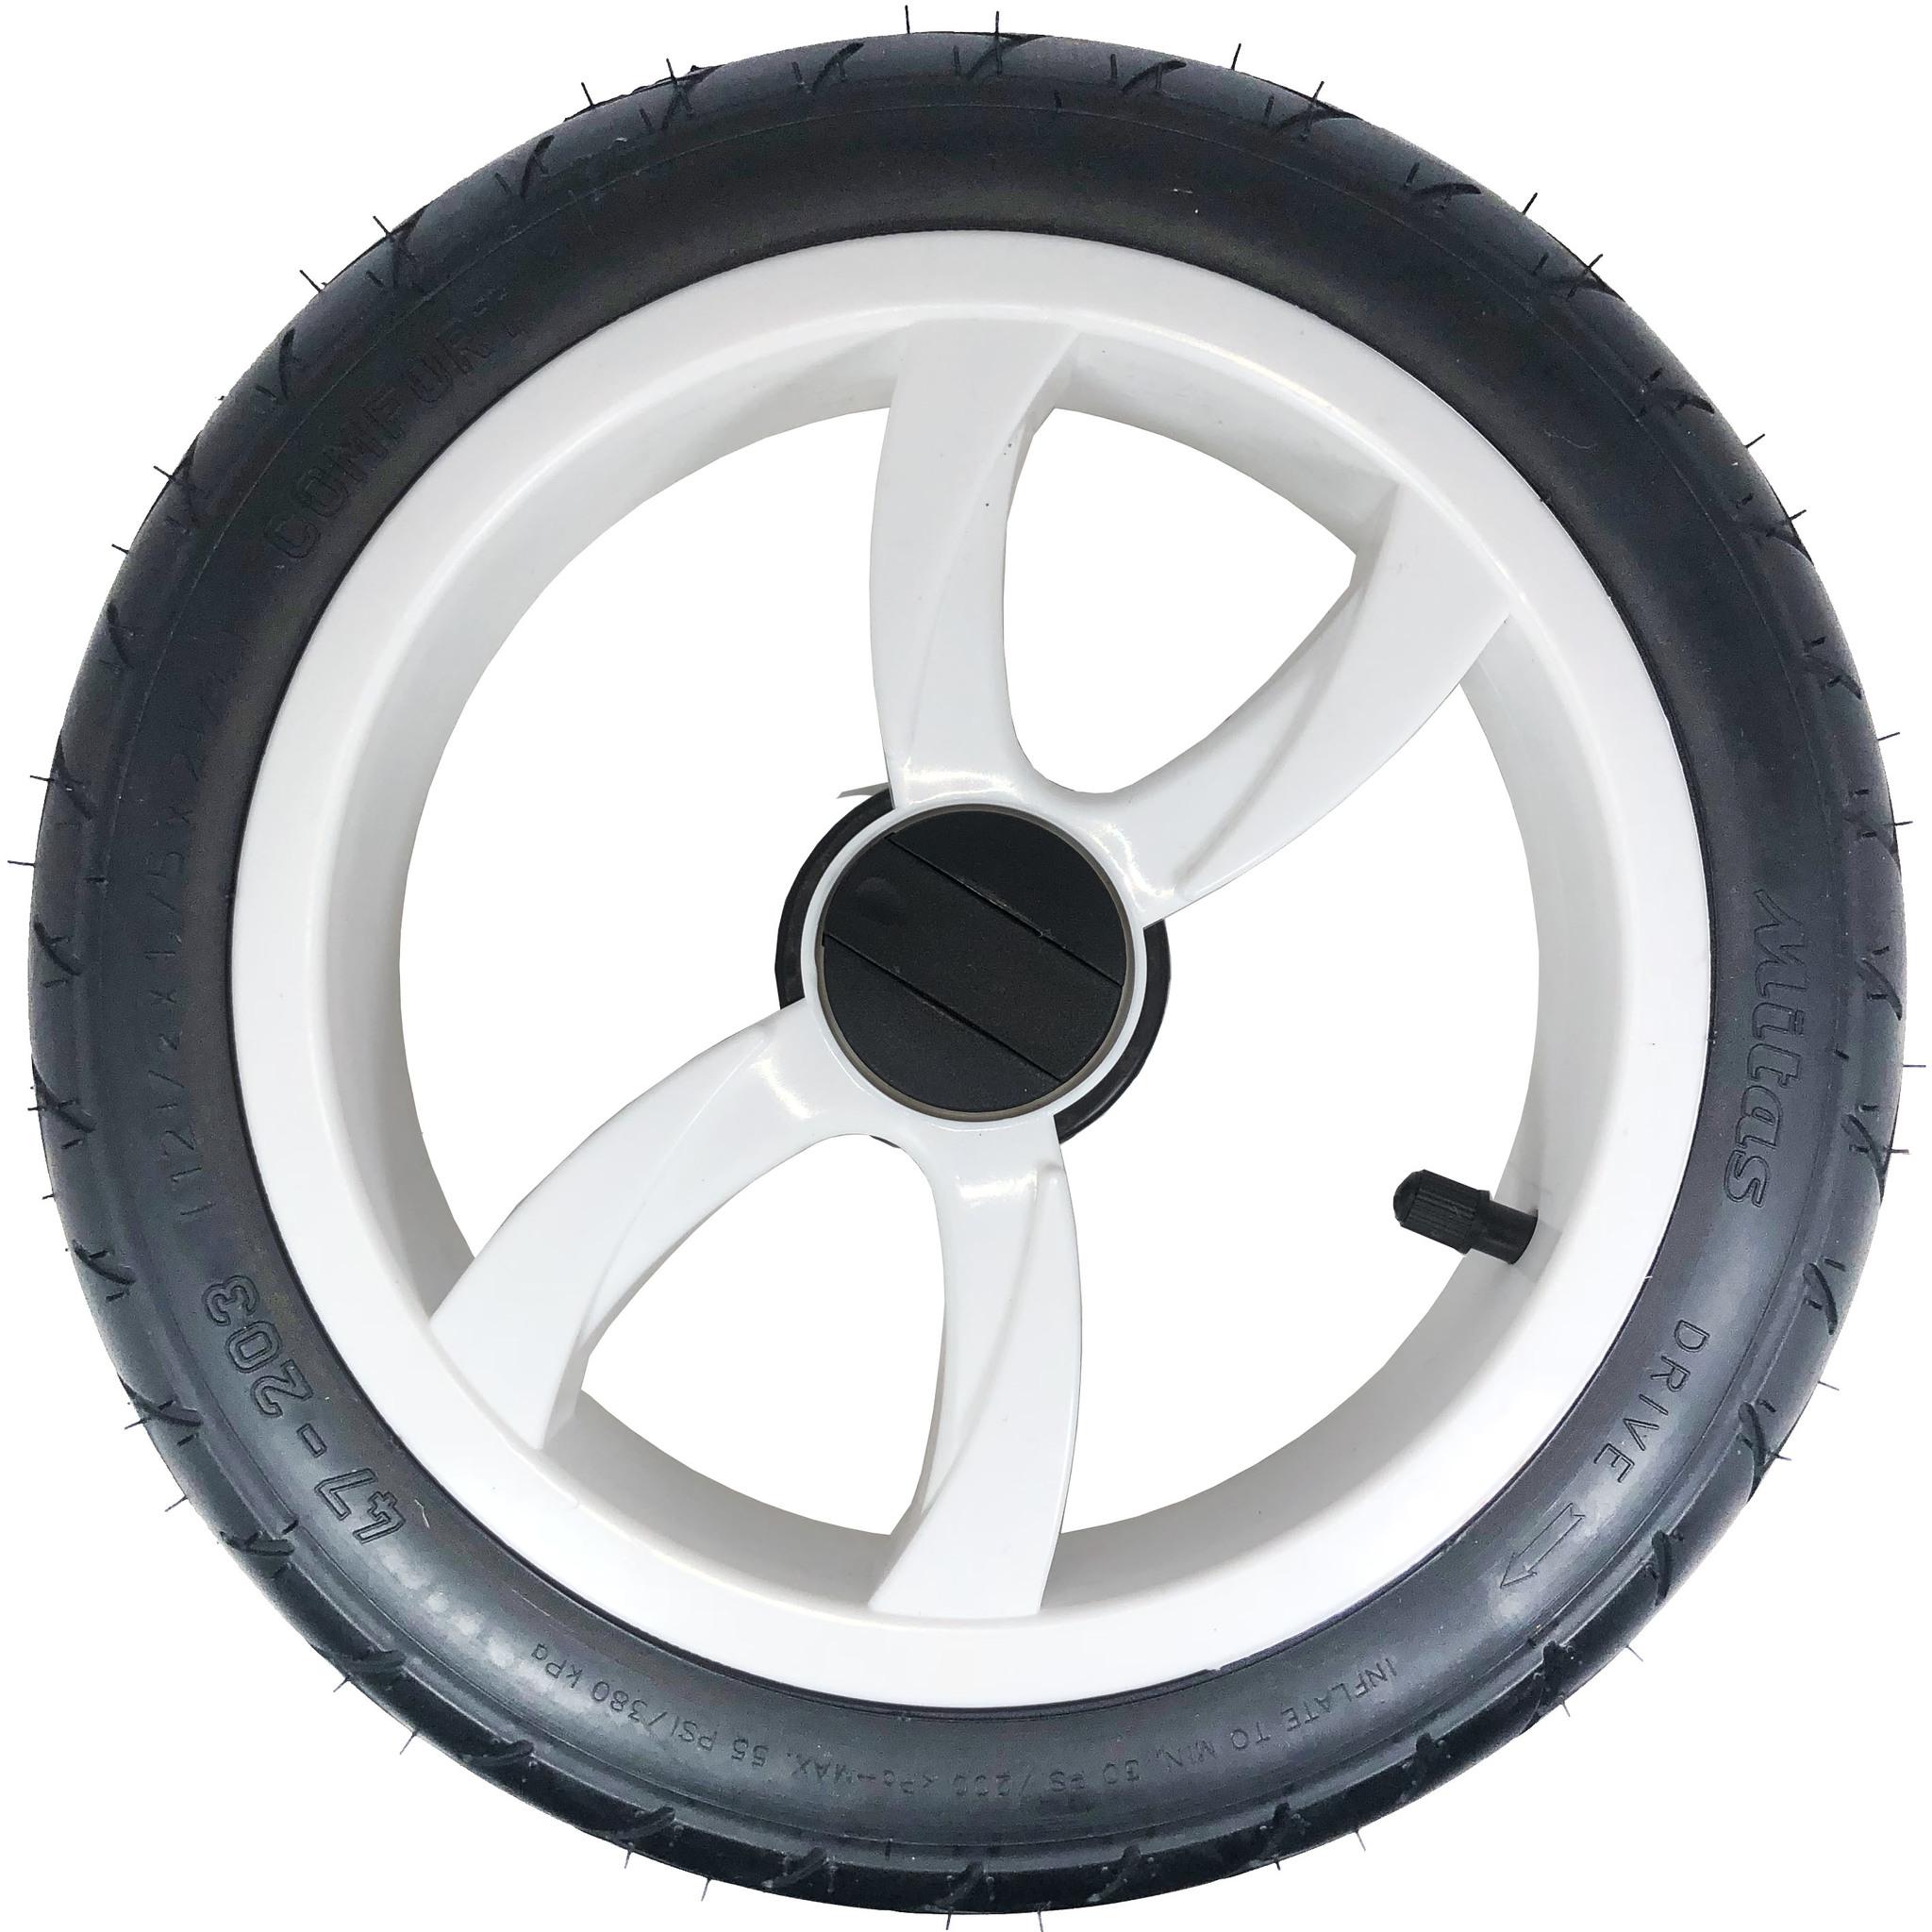 Колесо для коляски Riko nano 12 1/2 x 1.75 x 2 1/4 рико_12-0.jpg